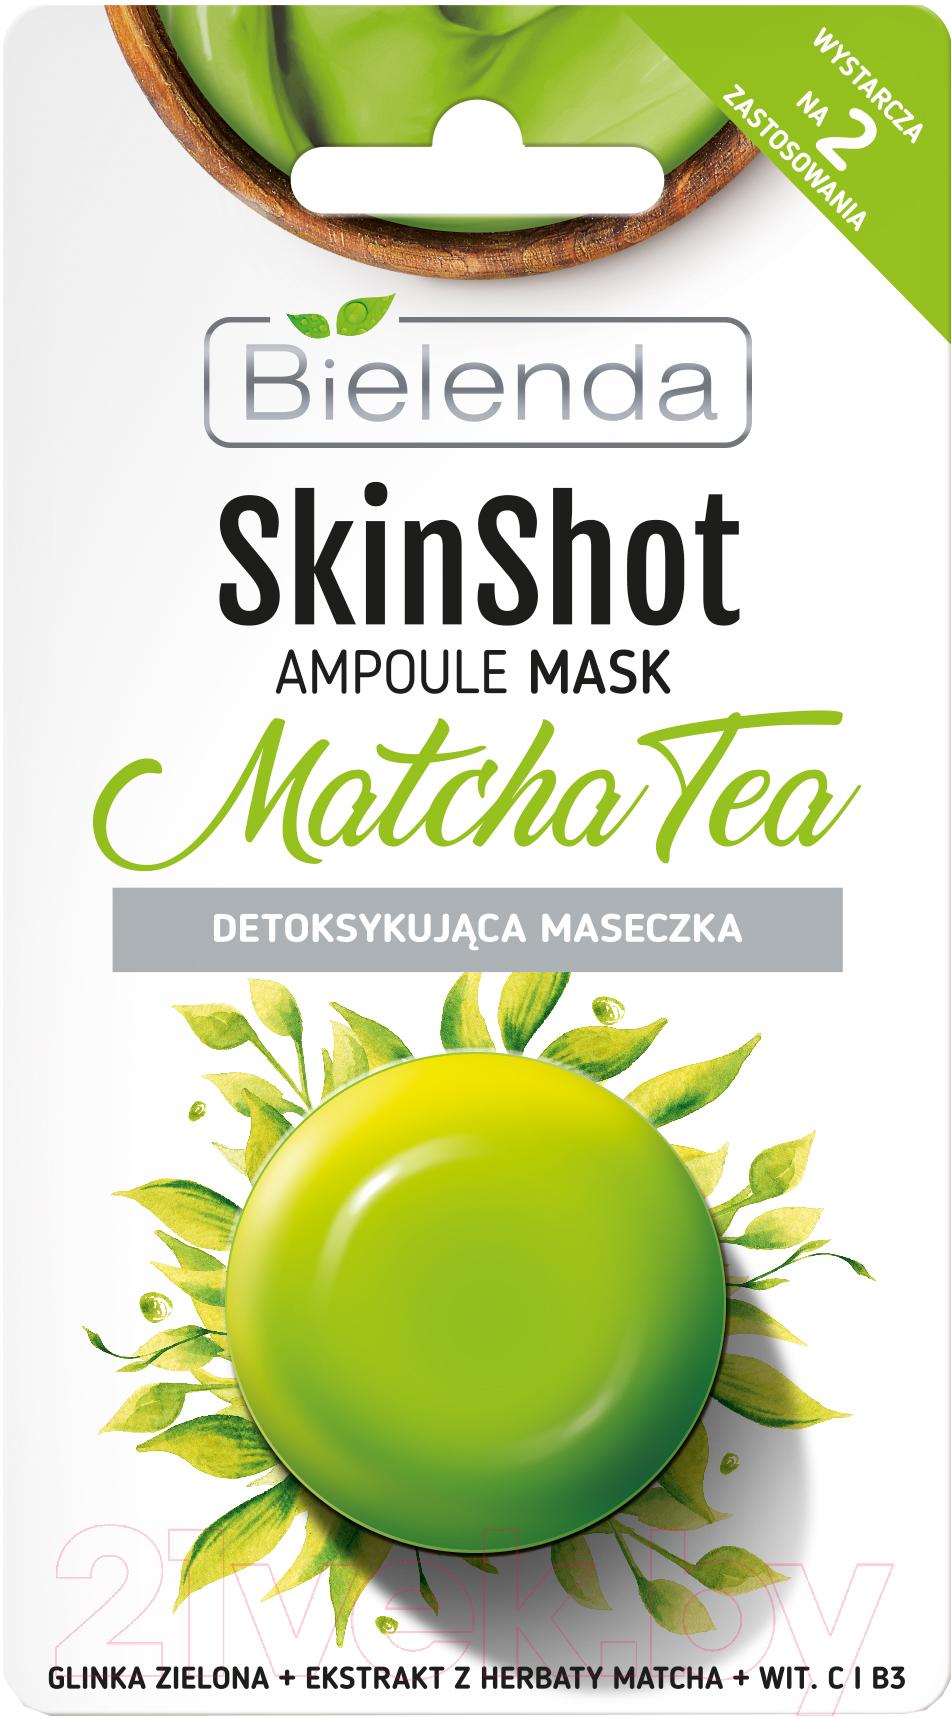 Купить Маска для лица кремовая Bielenda, Skin Shot детоксифицирующая чай и мята (8г), Польша, Skin Shot (Bielenda)